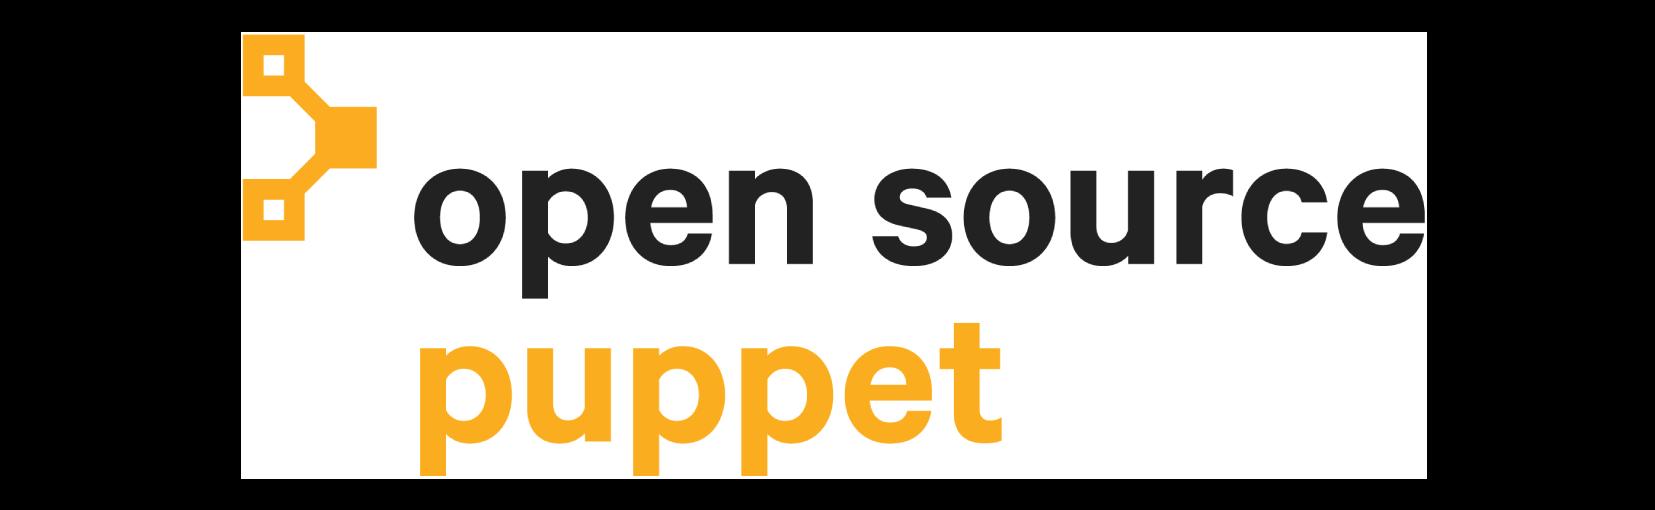 puppet docs OSP